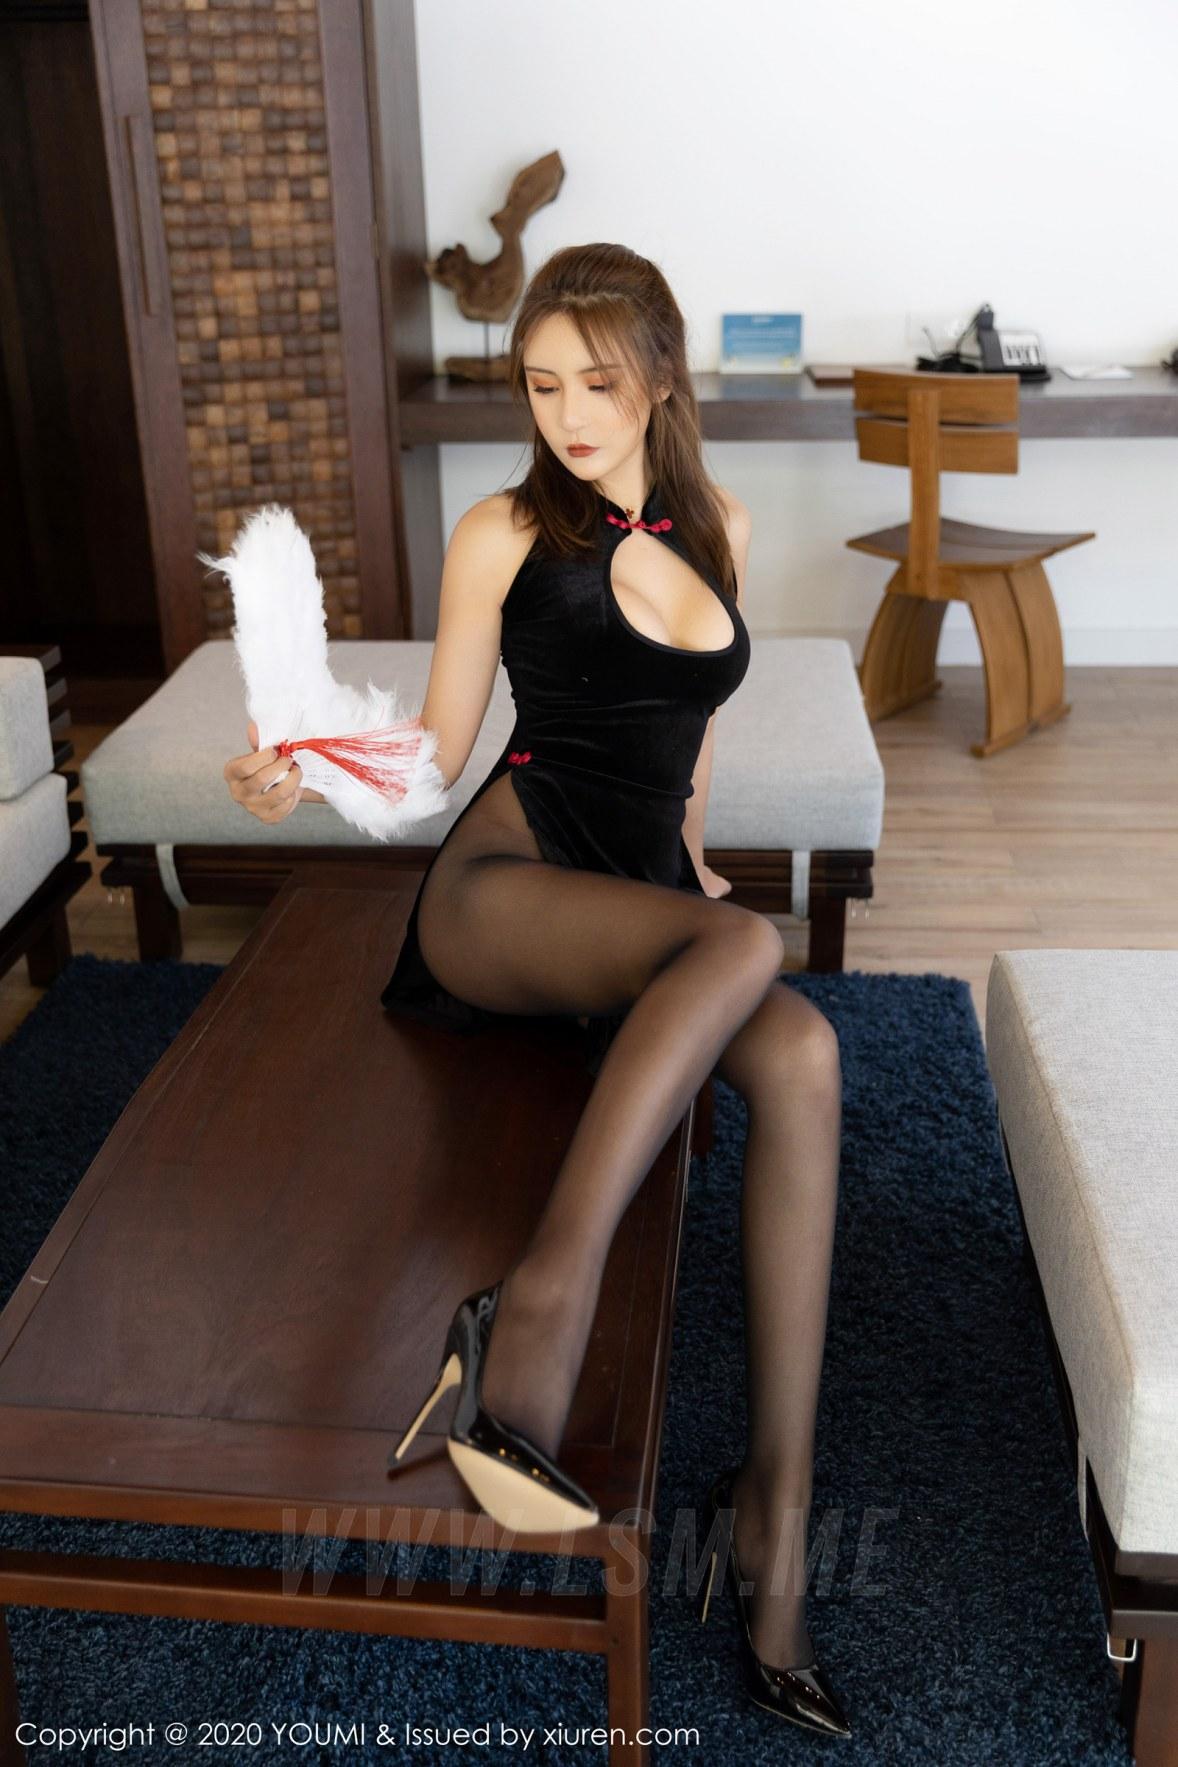 YOUMI 尤蜜荟 Vol.431 旗袍爆乳 Emily顾奈奈 马尔代夫旅拍写真 - 4